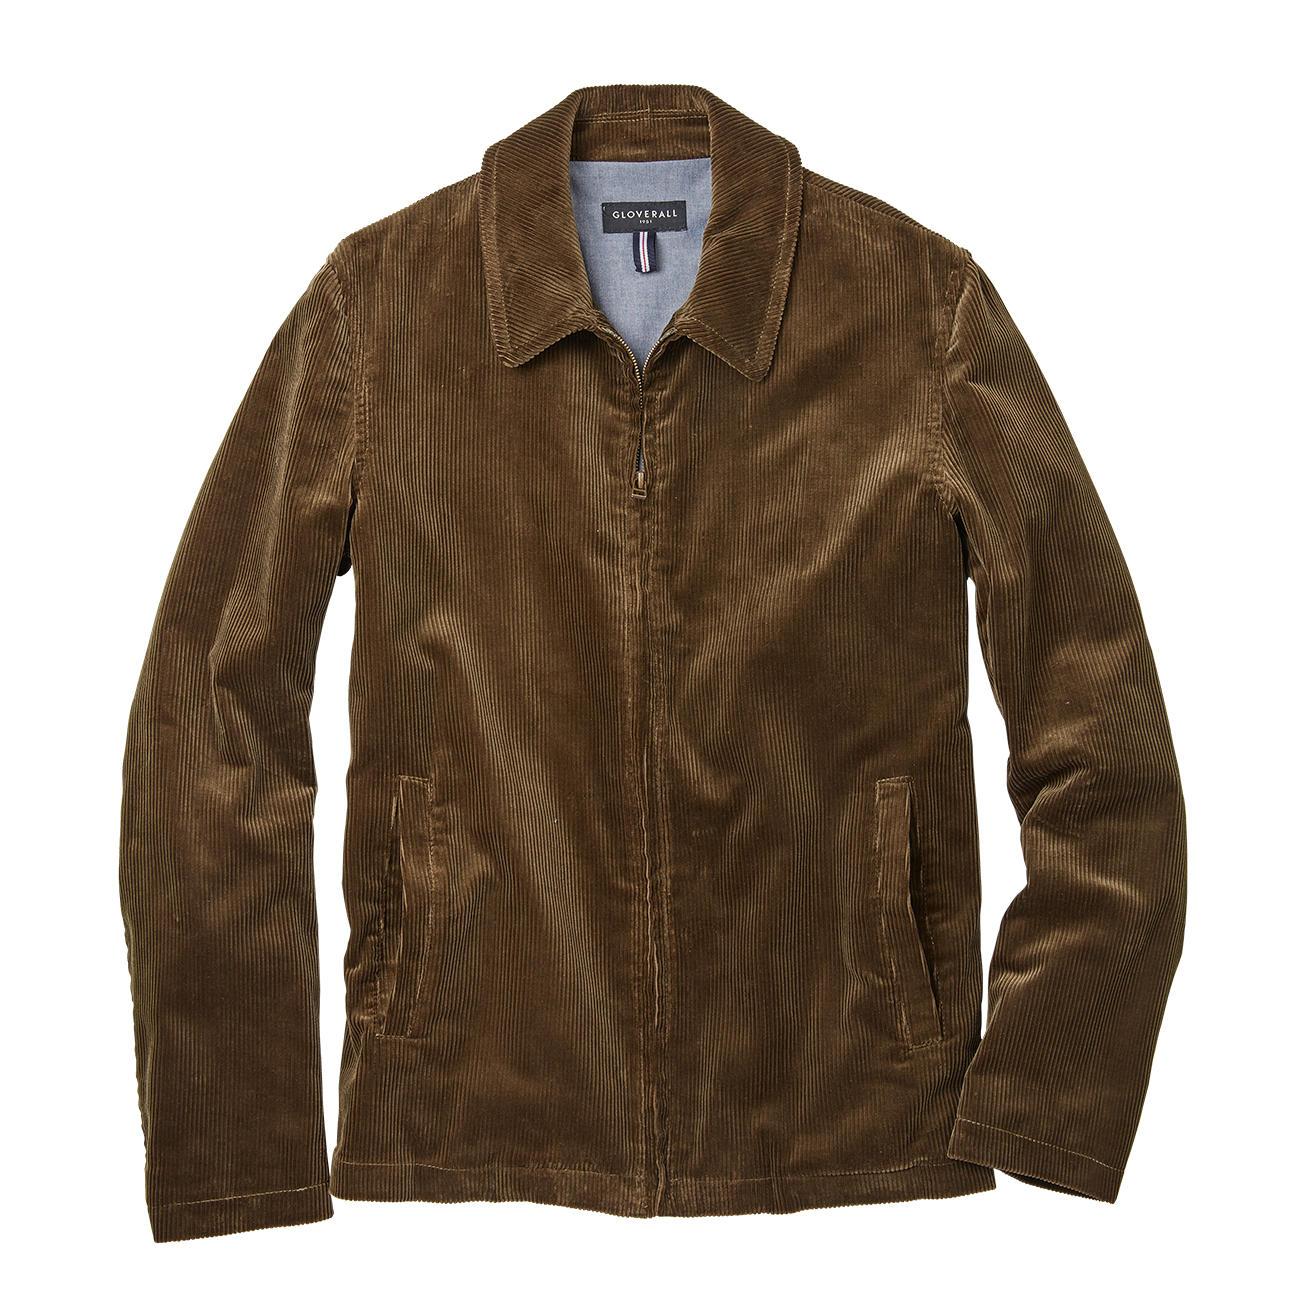 fbbb5d66d37078 Gloverall Harrington-Jacke - Kult-Klassiker Harrington-Jacke  jetzt  hochaktuell in Cord